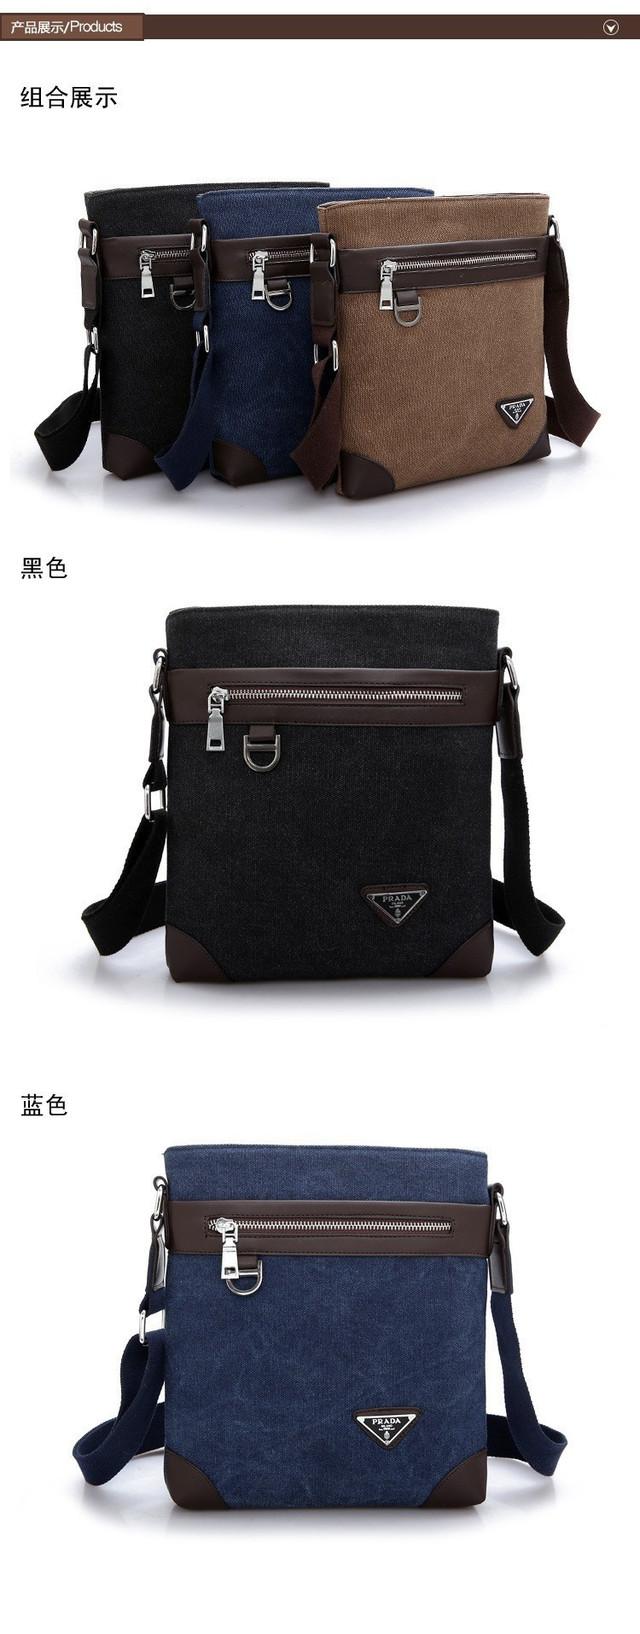 Мужская сумка Prada. Оригинал. Современный дизайн. Новое поступление. Отличное качество. Код: КС52-1 - фото 3